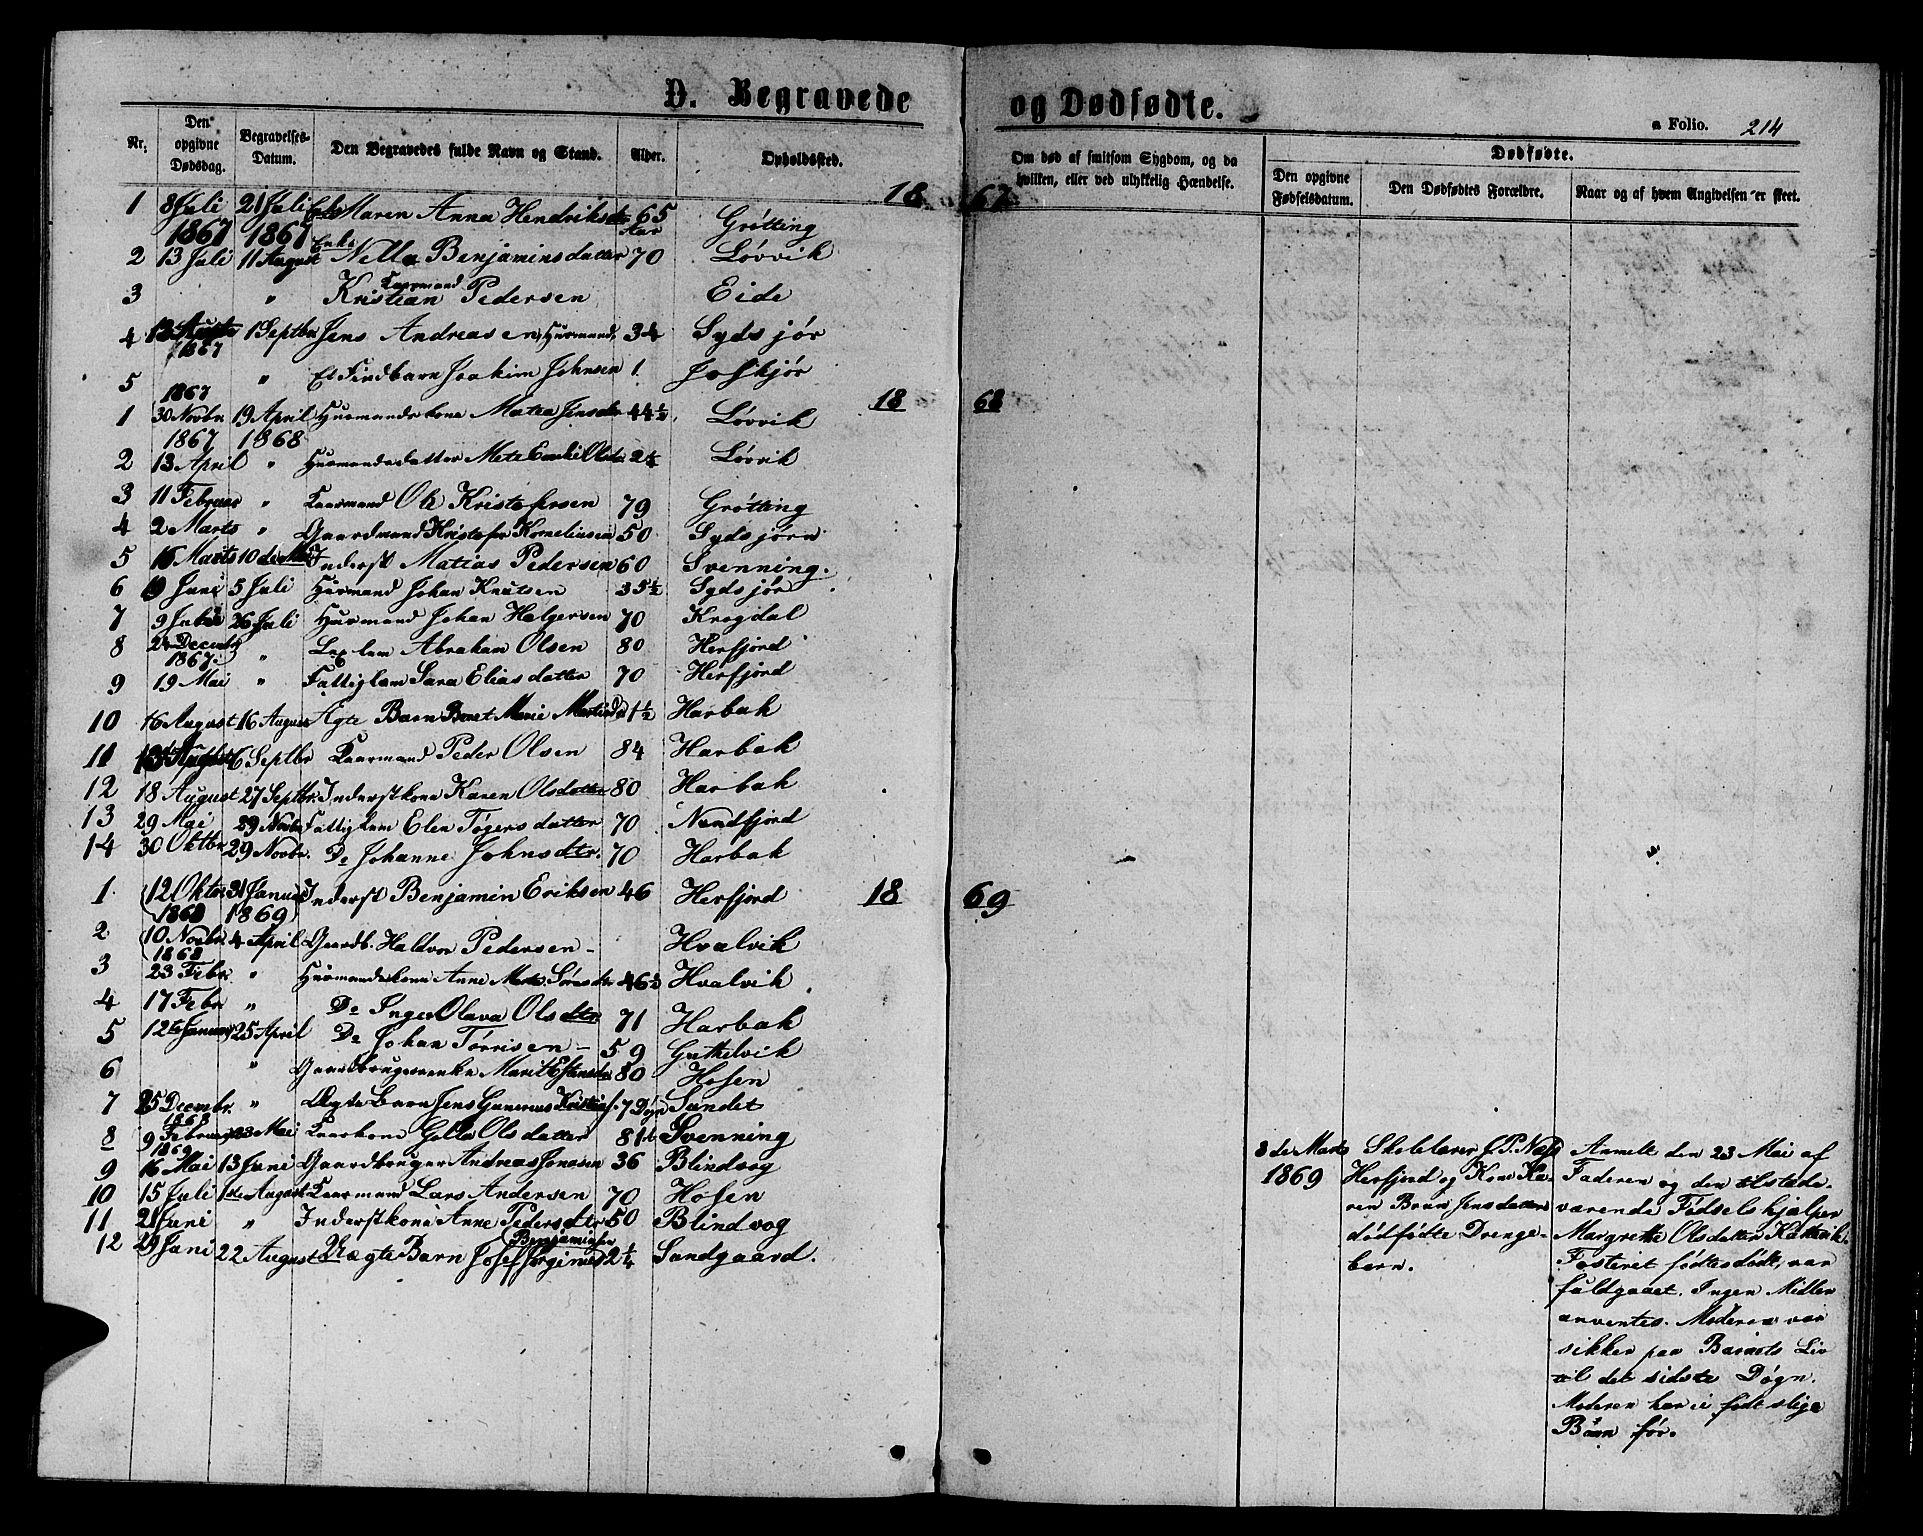 SAT, Ministerialprotokoller, klokkerbøker og fødselsregistre - Sør-Trøndelag, 656/L0695: Klokkerbok nr. 656C01, 1867-1889, s. 214